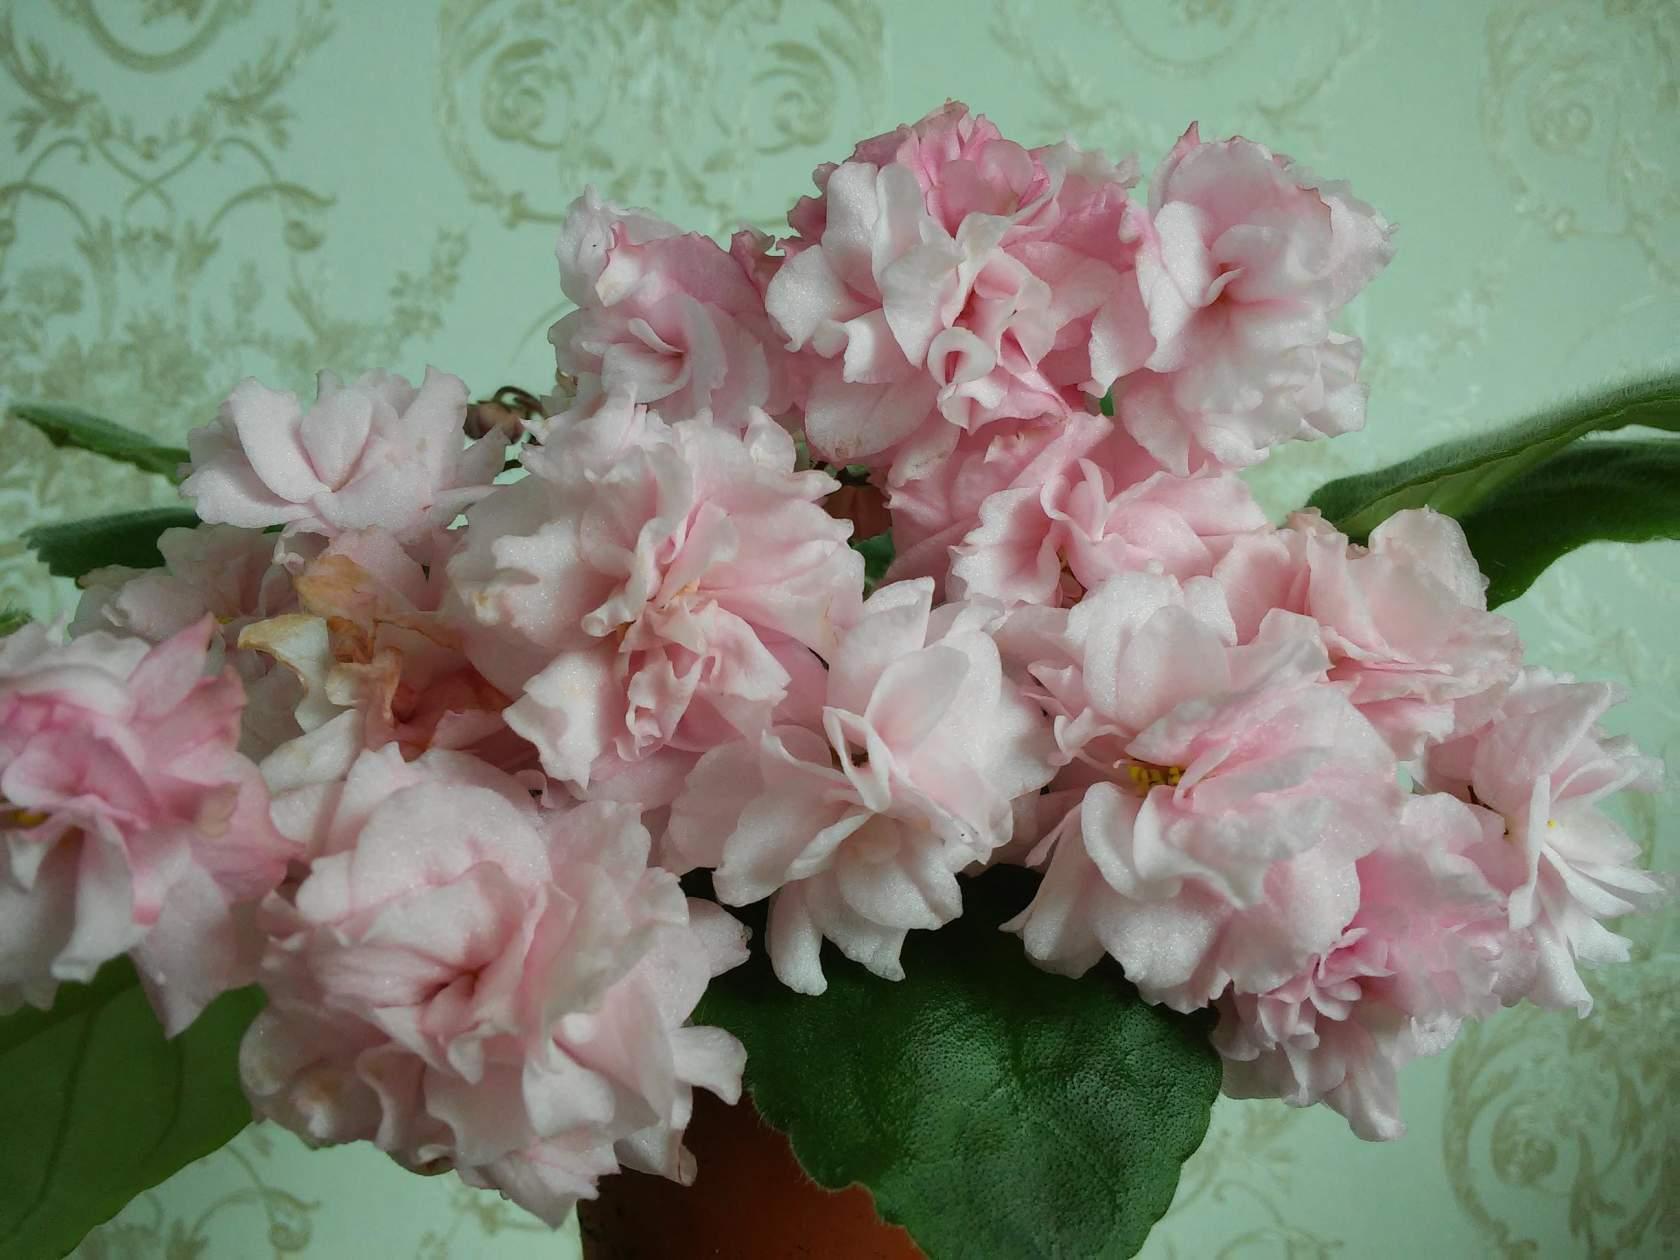 Цветы сирени купить в аптеках гомеля доставка цветов в городе пушкин спб